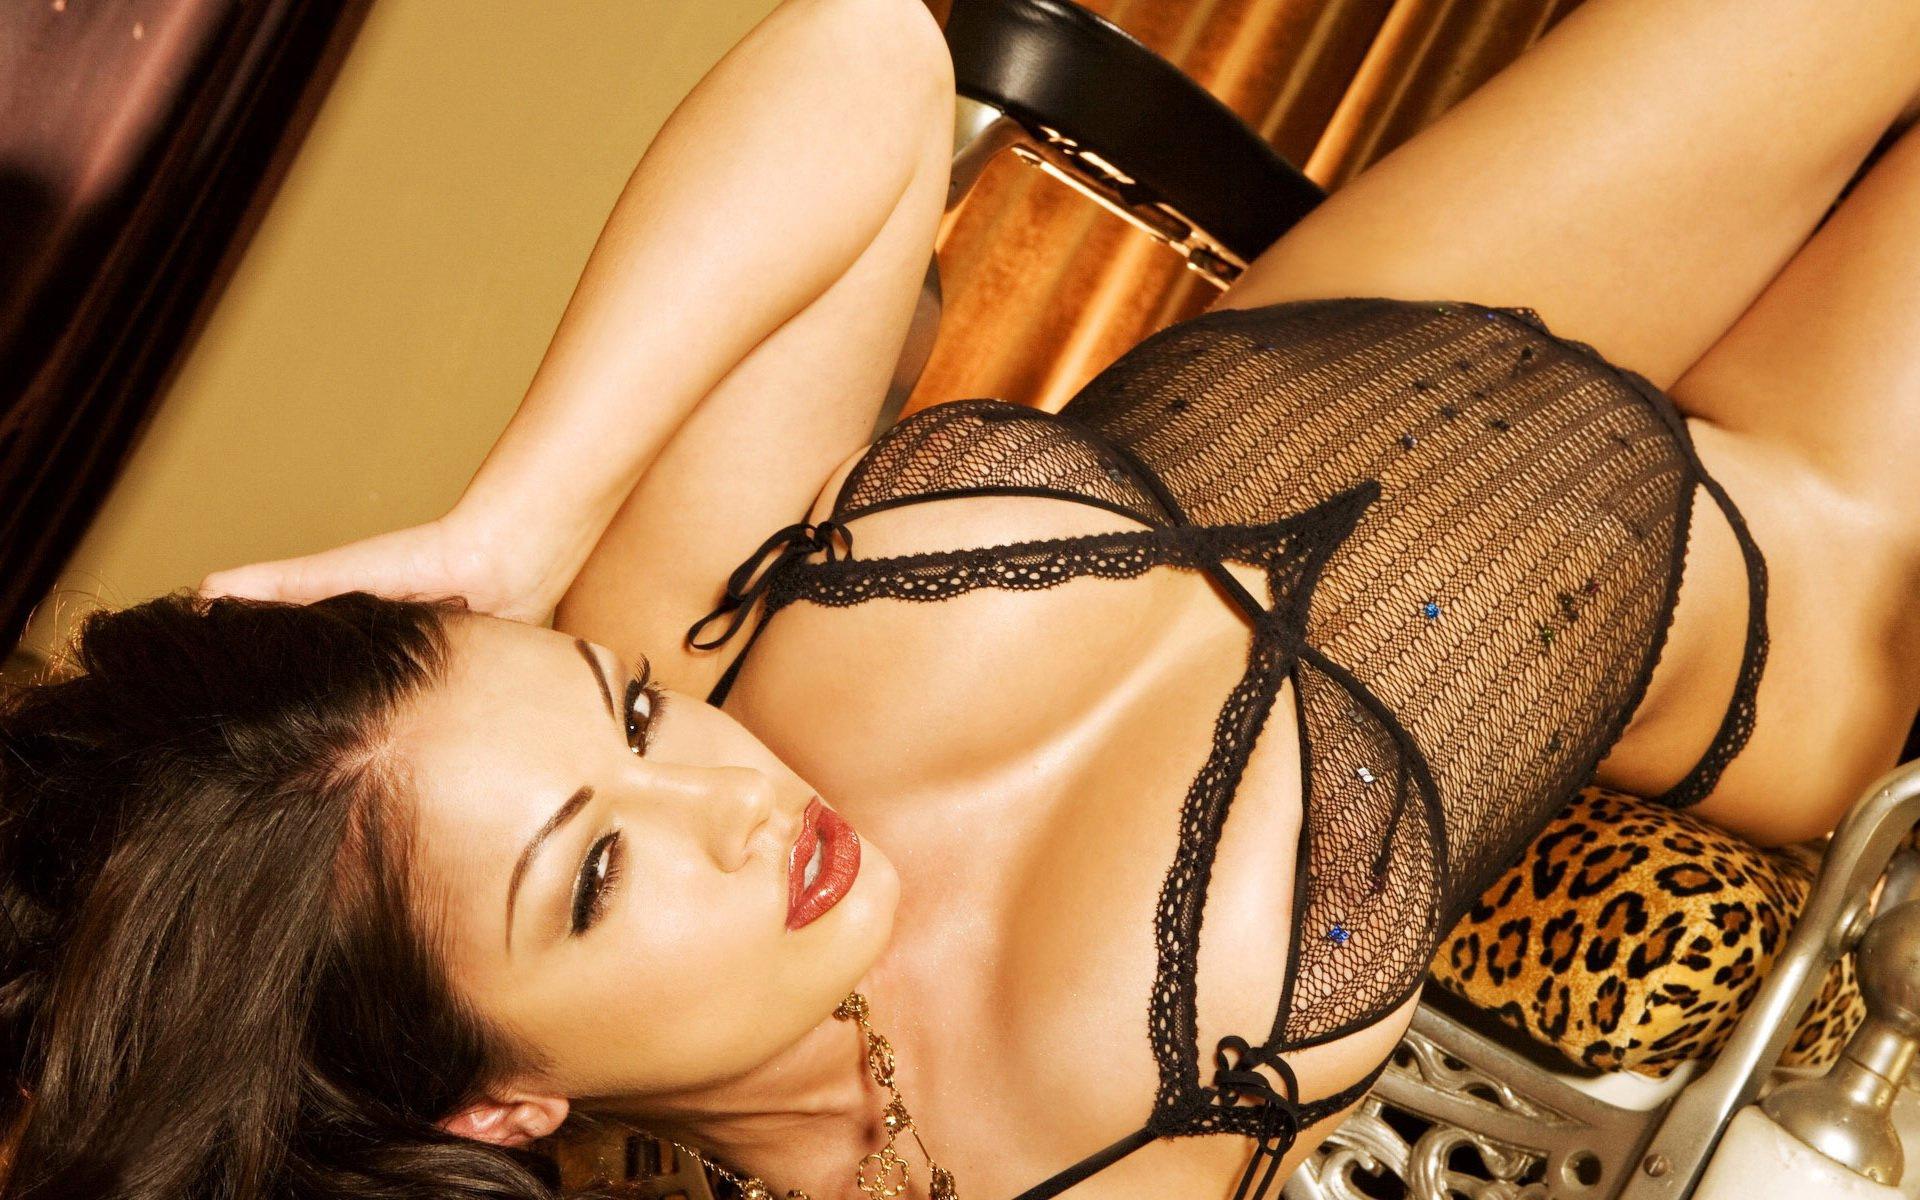 Секс супер фото, Порно, секс, эро фото и картинки скачать бесплатно на 5 фотография